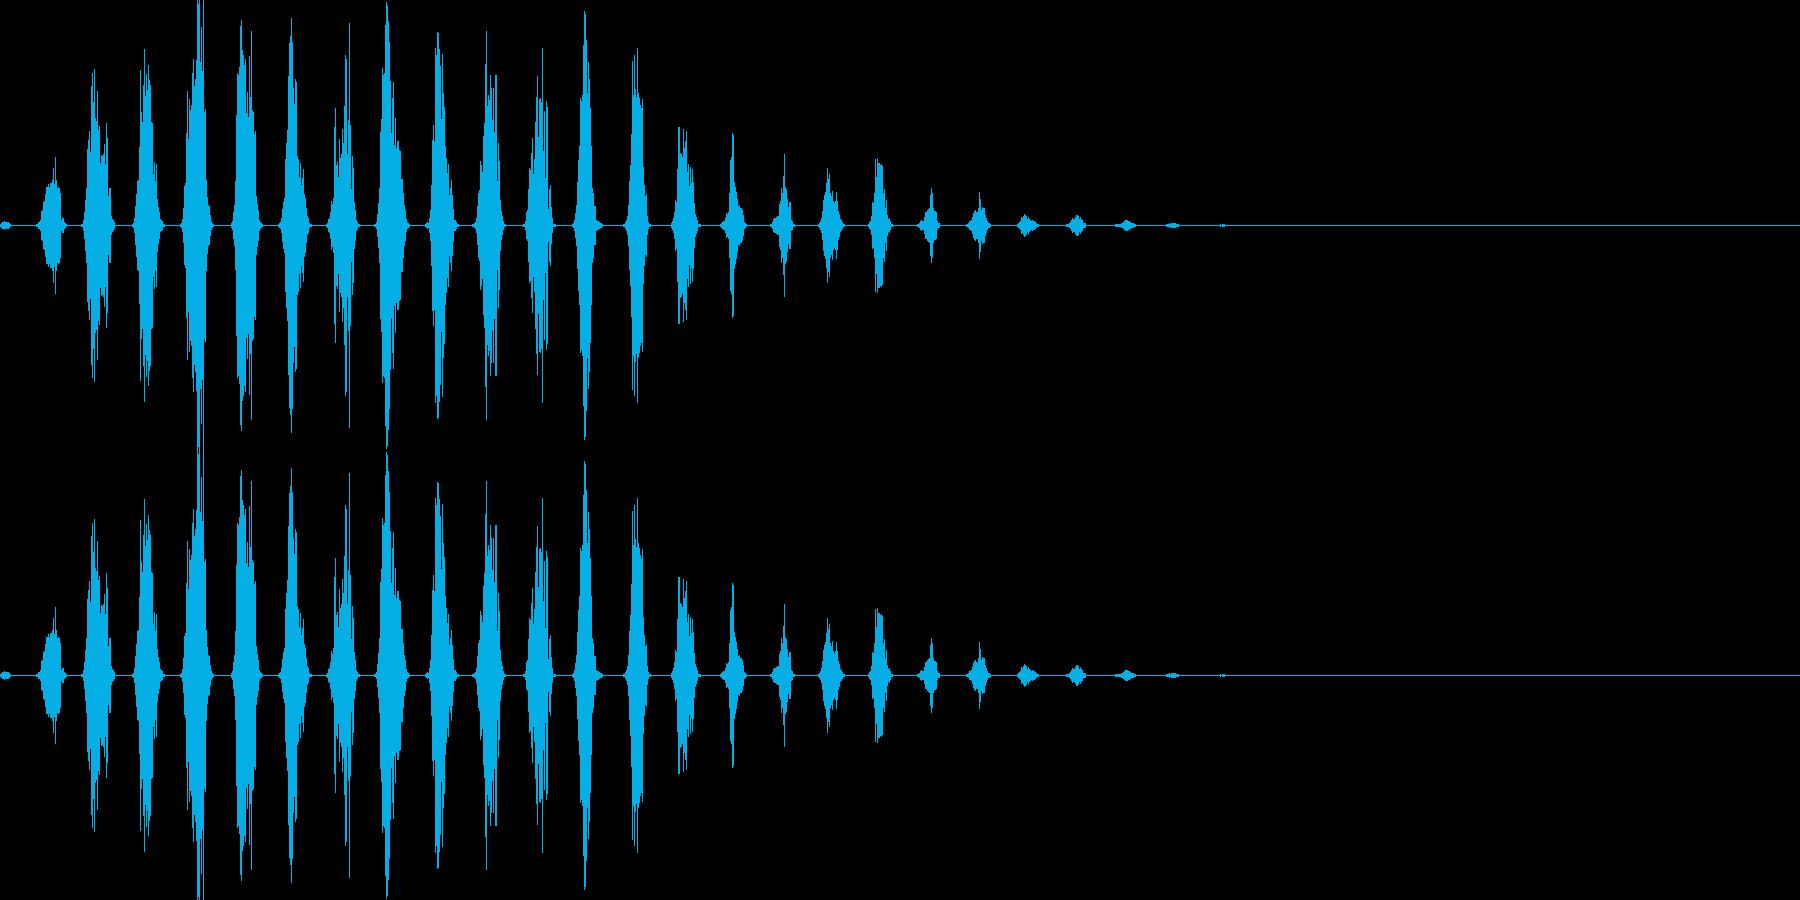 走る音01(可愛いキャラ)の再生済みの波形